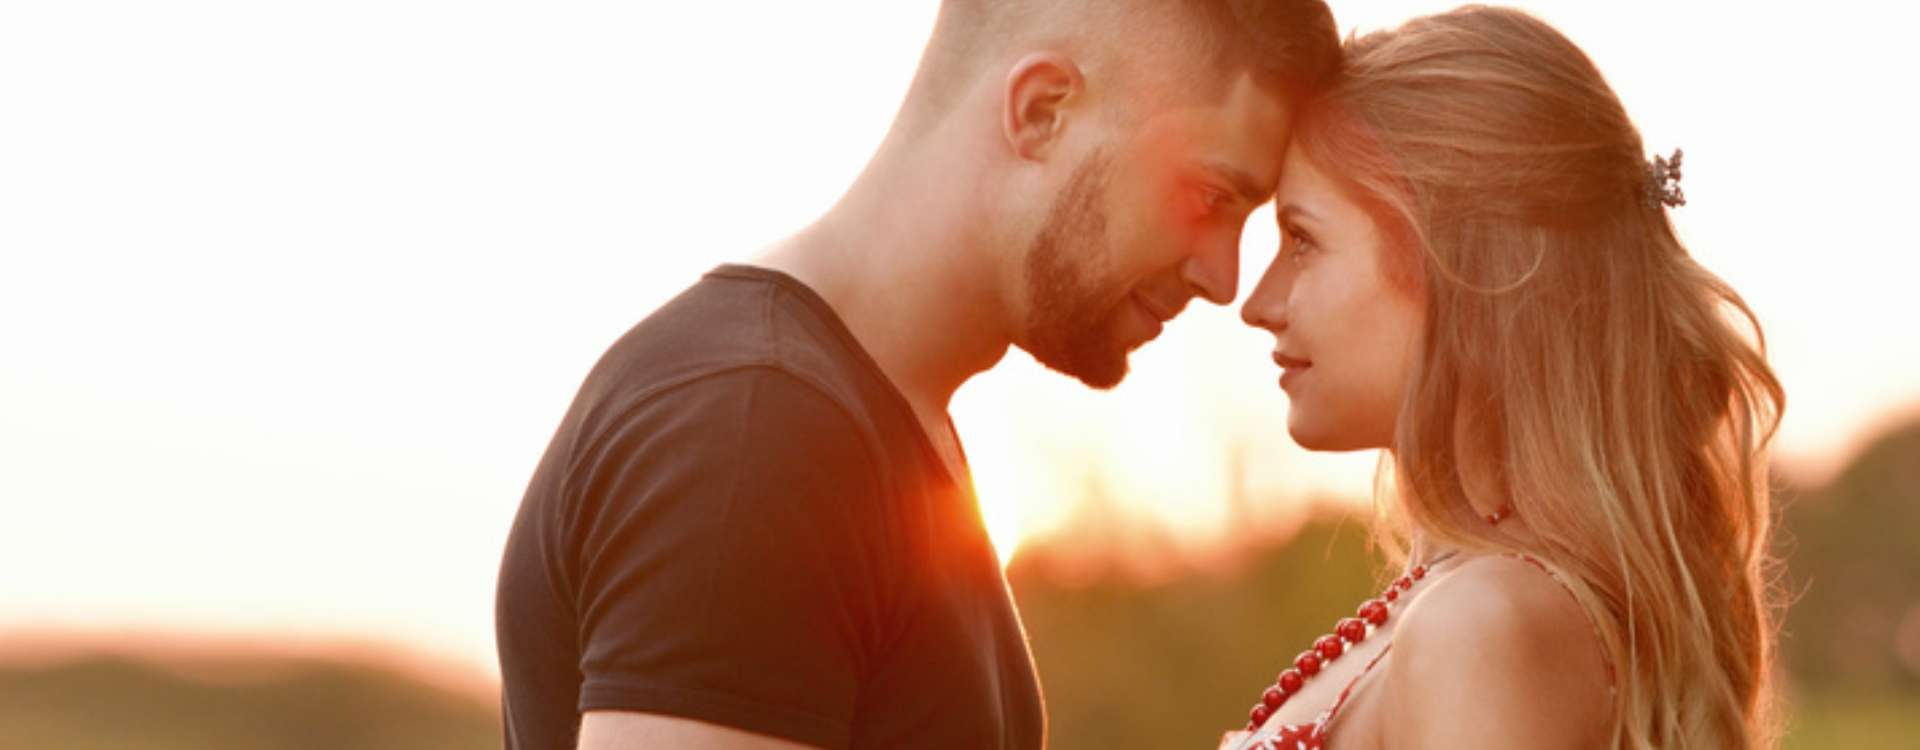 Amour : pourquoi est-ce si difficile de trouver la bonne personne ?